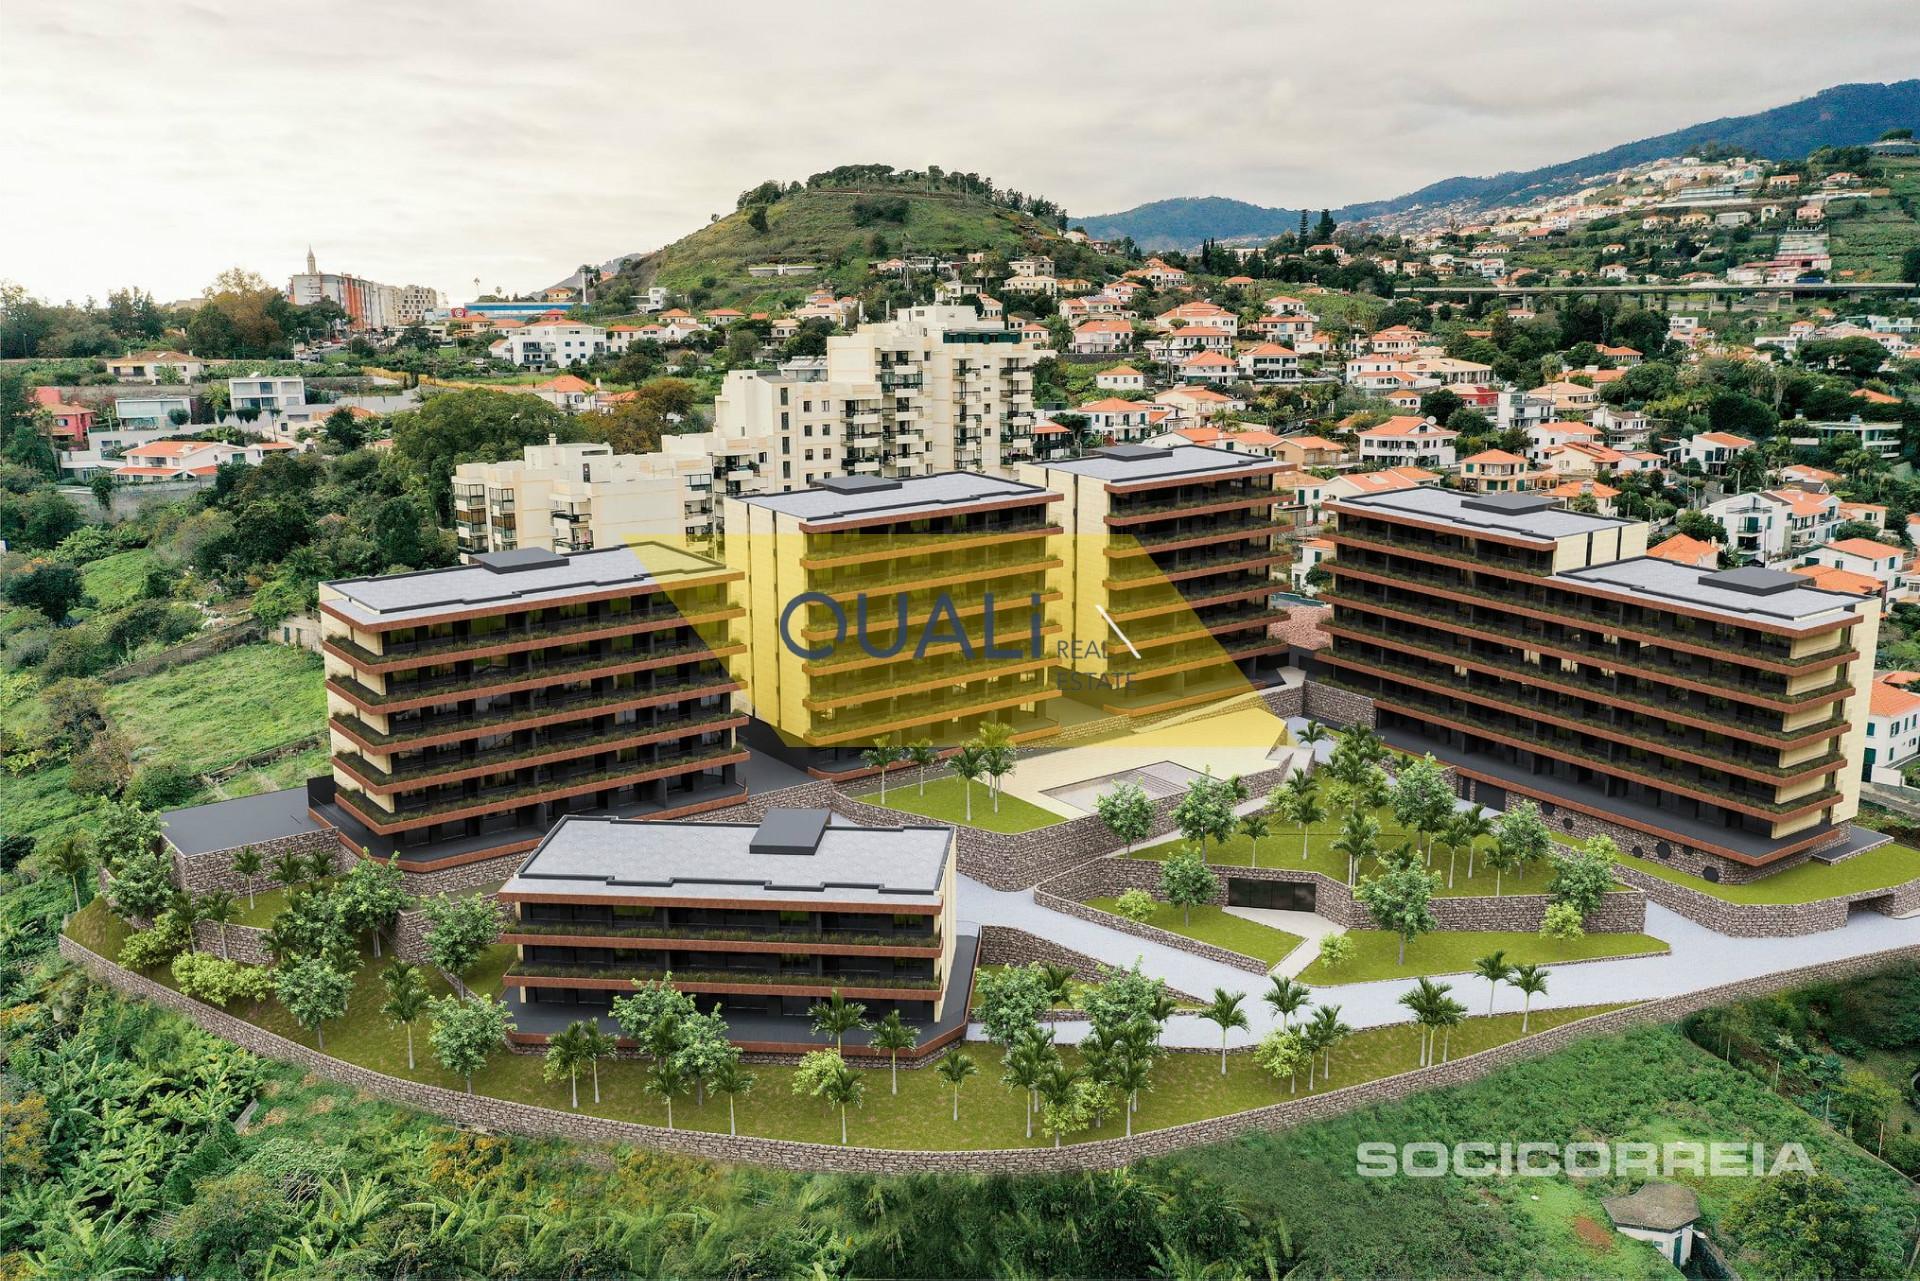 Appartamento con 3 camere da letto in vendita nelle virtù, Funchal - Isola di Madeira - € 385.500,00